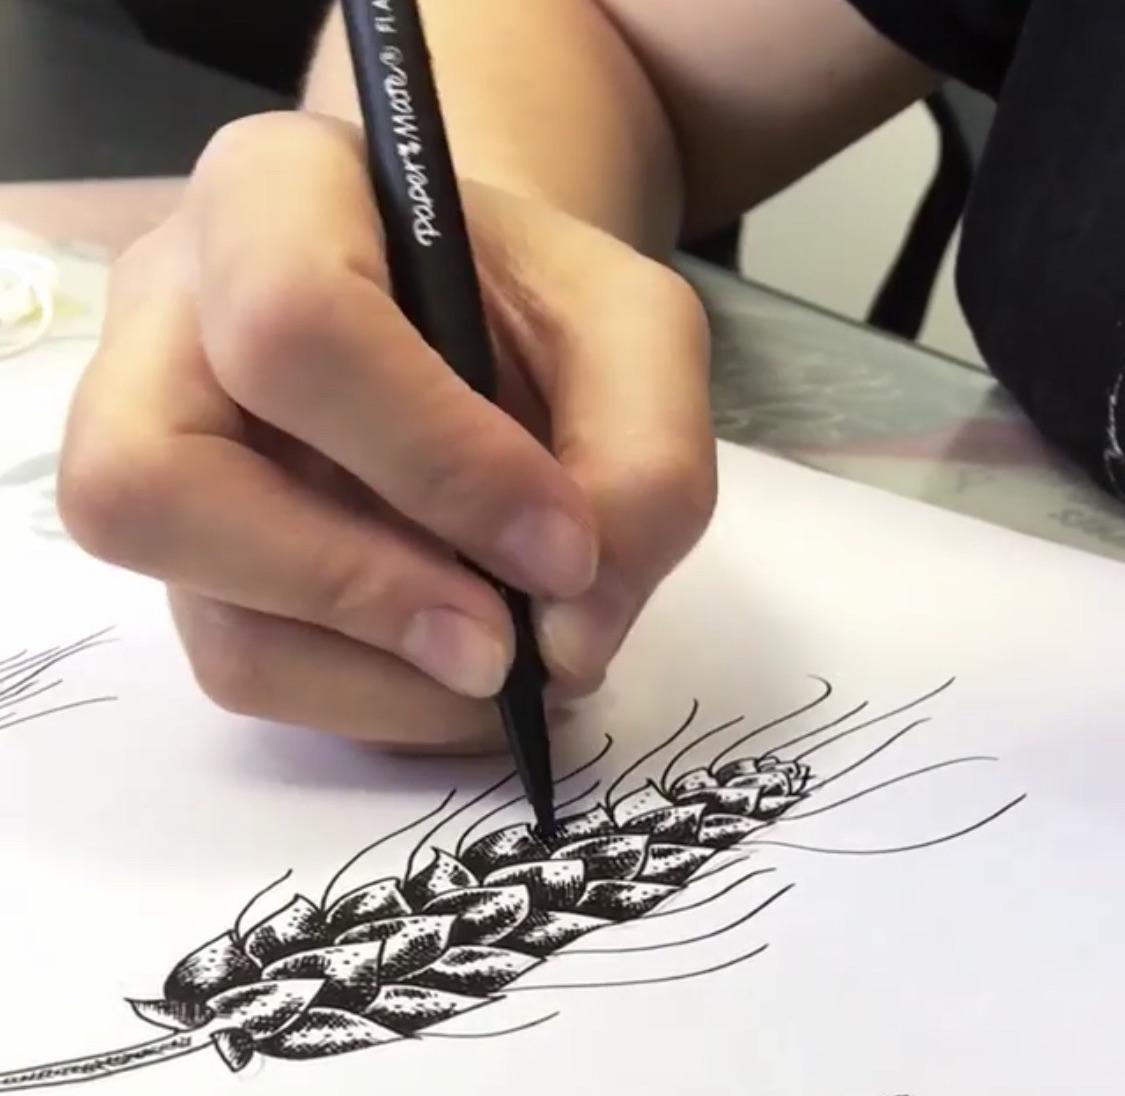 entièrement dessiné à la main !